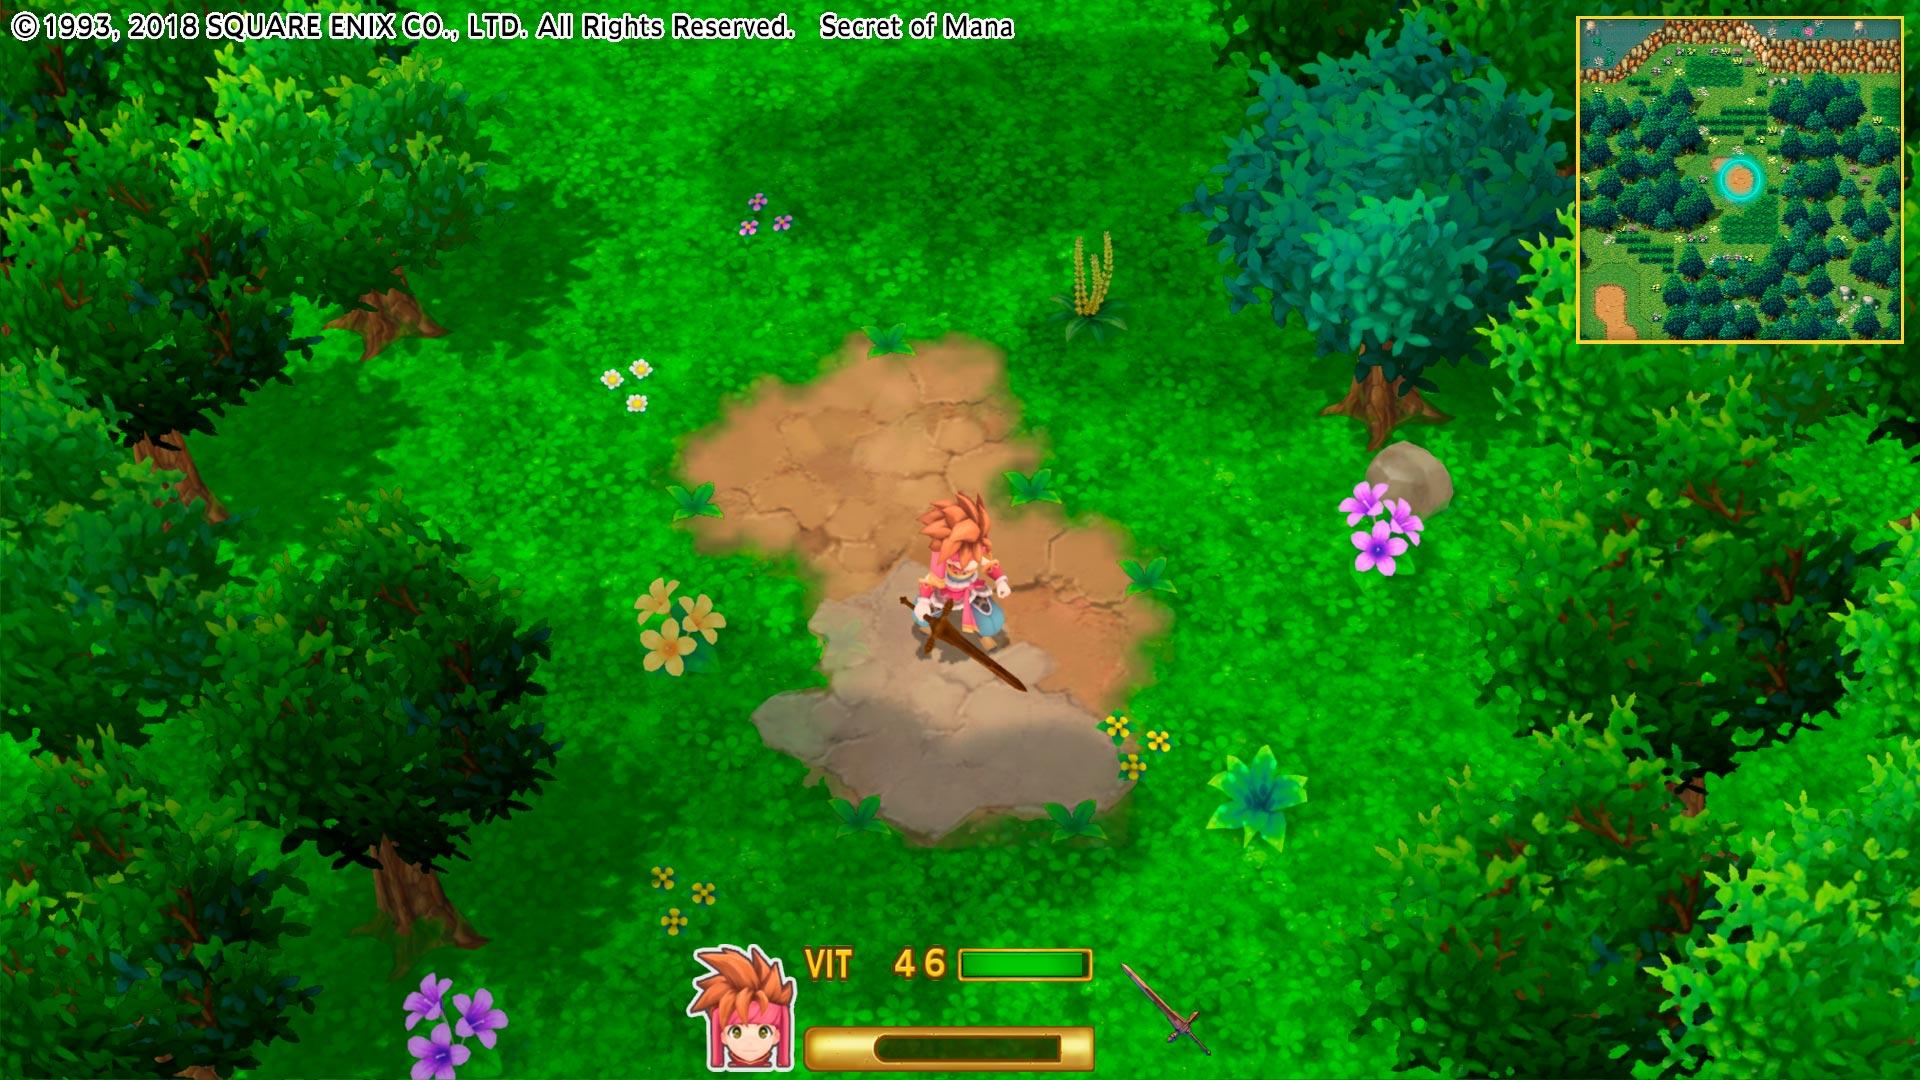 En el mapa se puede ver cómo era el juego original